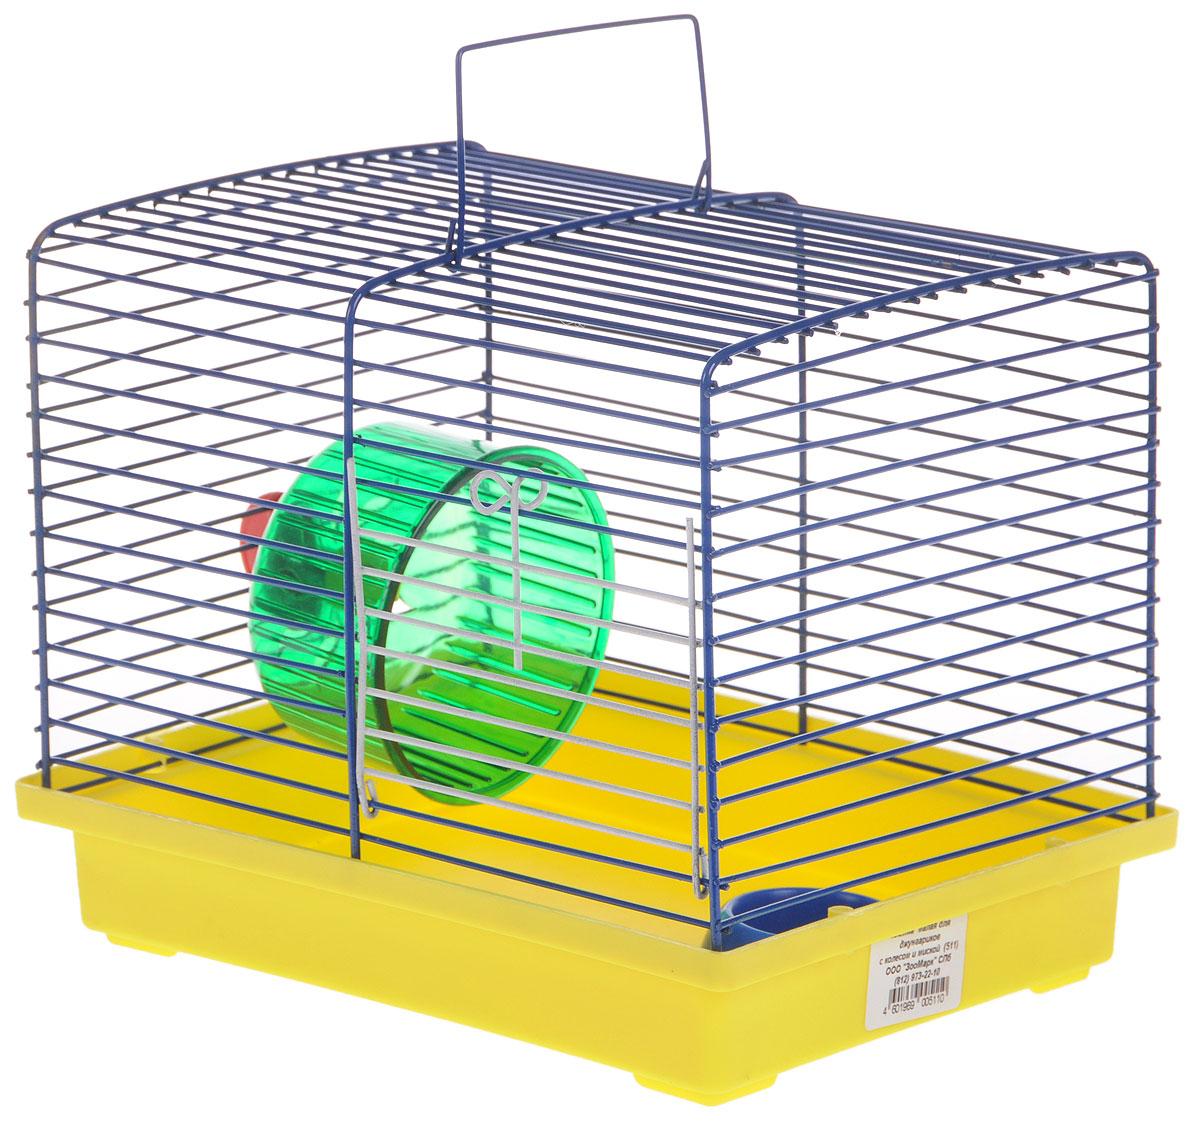 Клетка для джунгариков ЗооМарк, с колесом и миской, цвет: желтый поддон, синяя решетка, 23 х 18 х 19 см511ЖСКлетка ЗооМарк, выполненная из пластика и металла, подходит для мелких грызунов. Изделие оборудовано колесом для подвижных игр и пластиковой миской. Клетка имеет яркий поддон, удобна в использовании и легко чистится. Сверху имеется ручка для переноски. Такая клетка станет личным пространством и уютным домиком для маленького грызуна. Комплектация: - клетка с поддоном; - миска; - колесо.